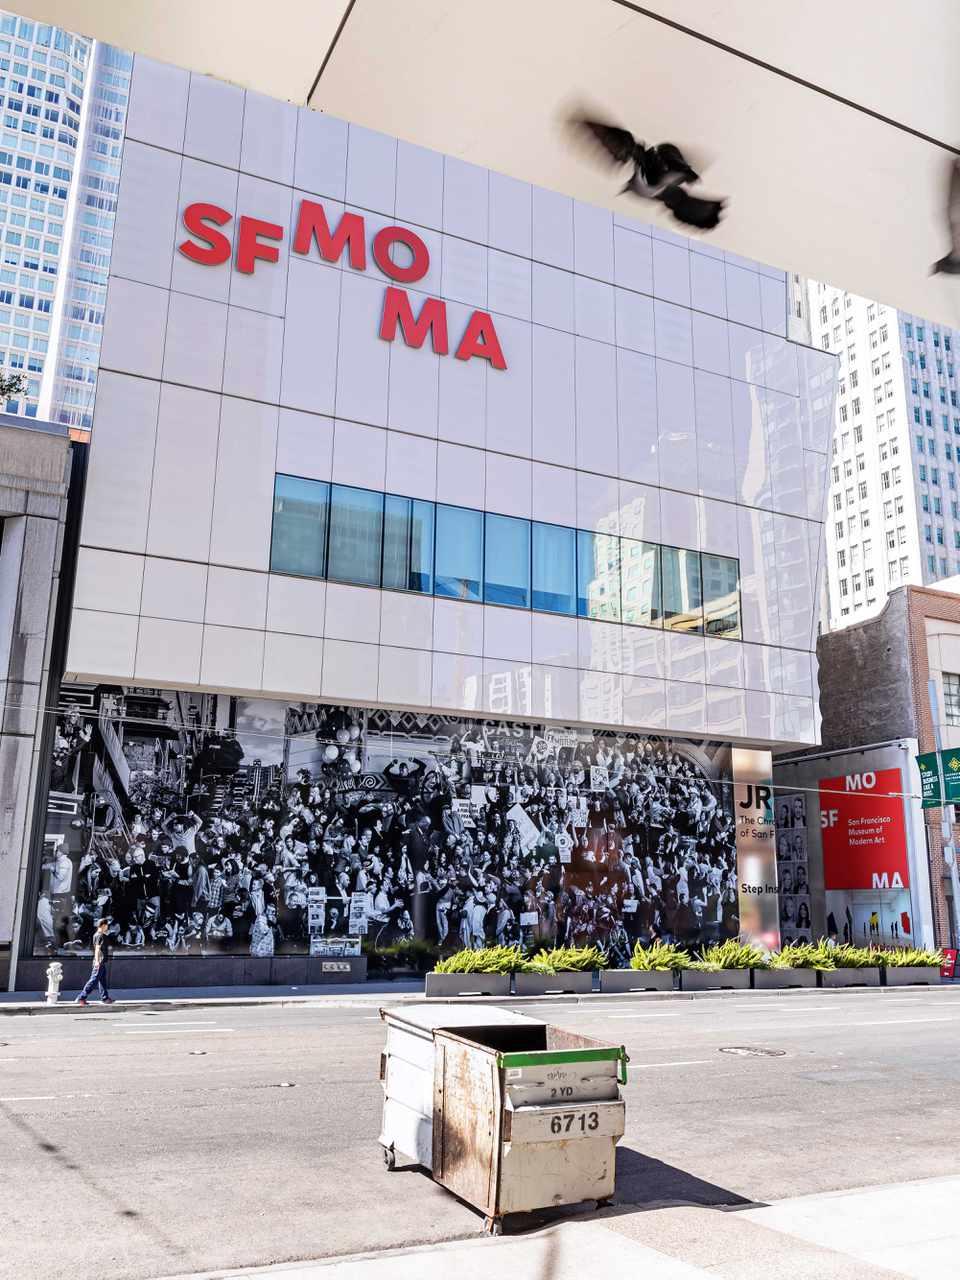 SF MOMA, San Francisco